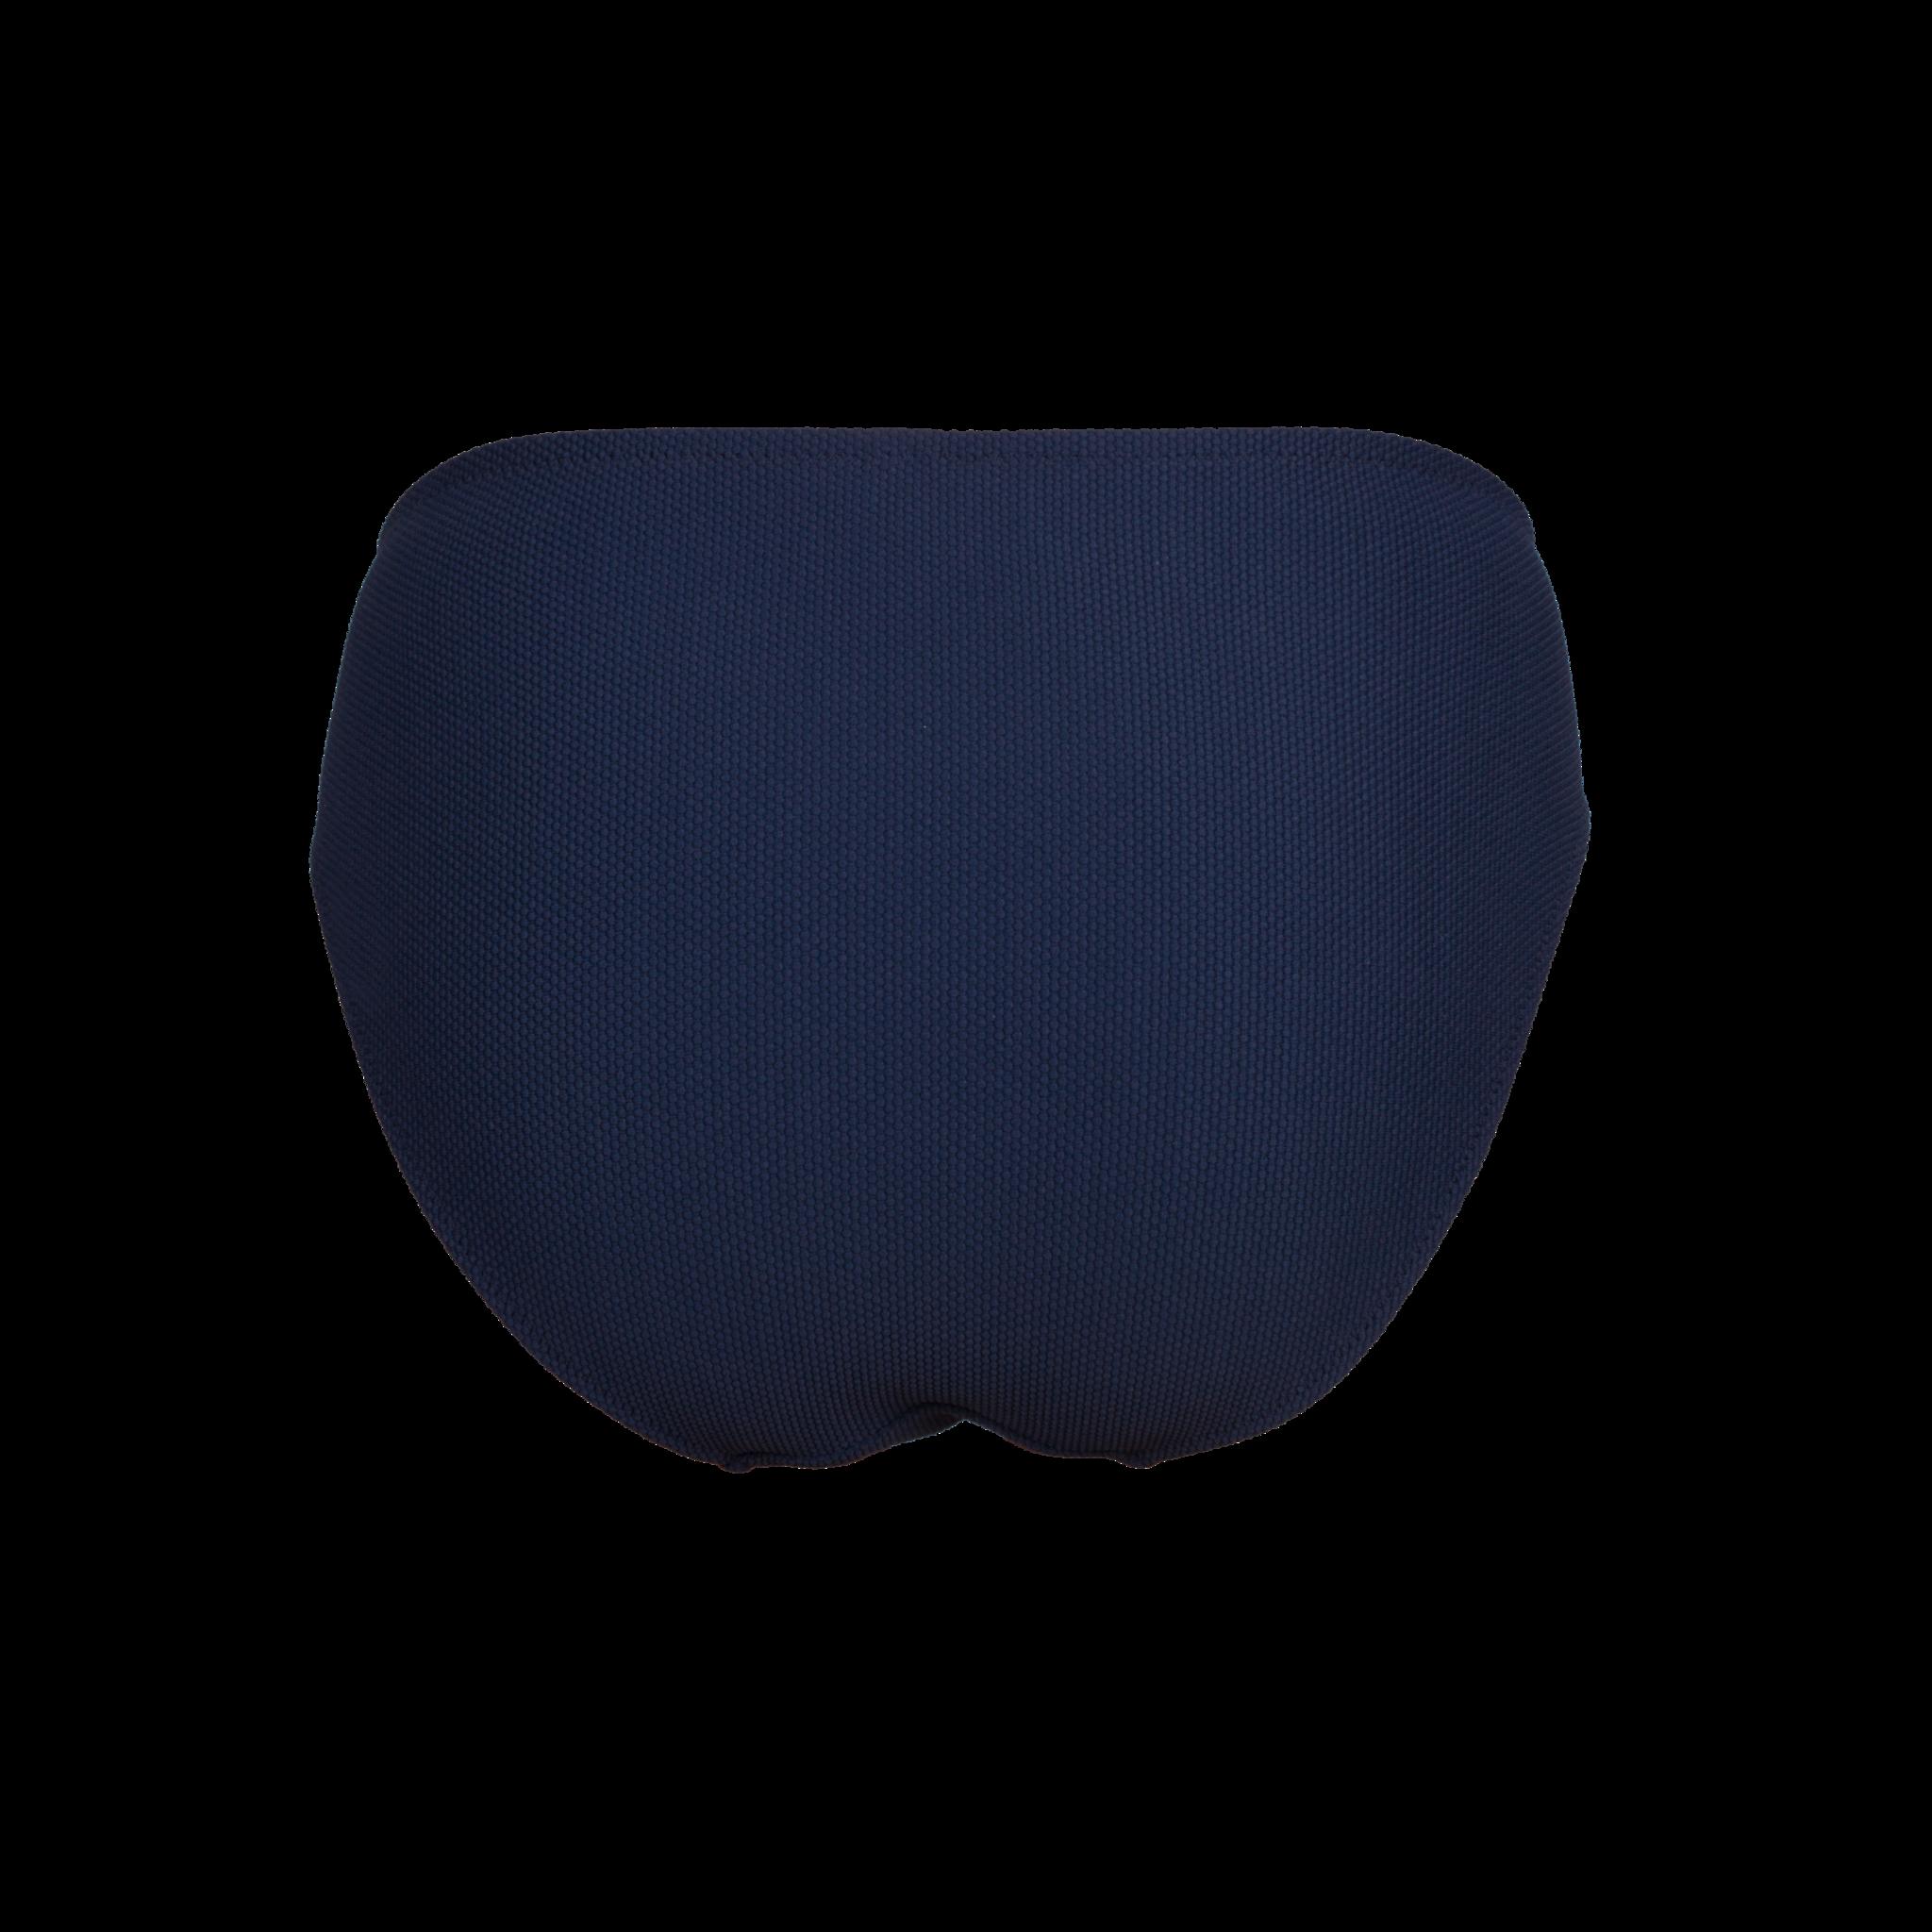 480111 Трусы купальные жен. синий